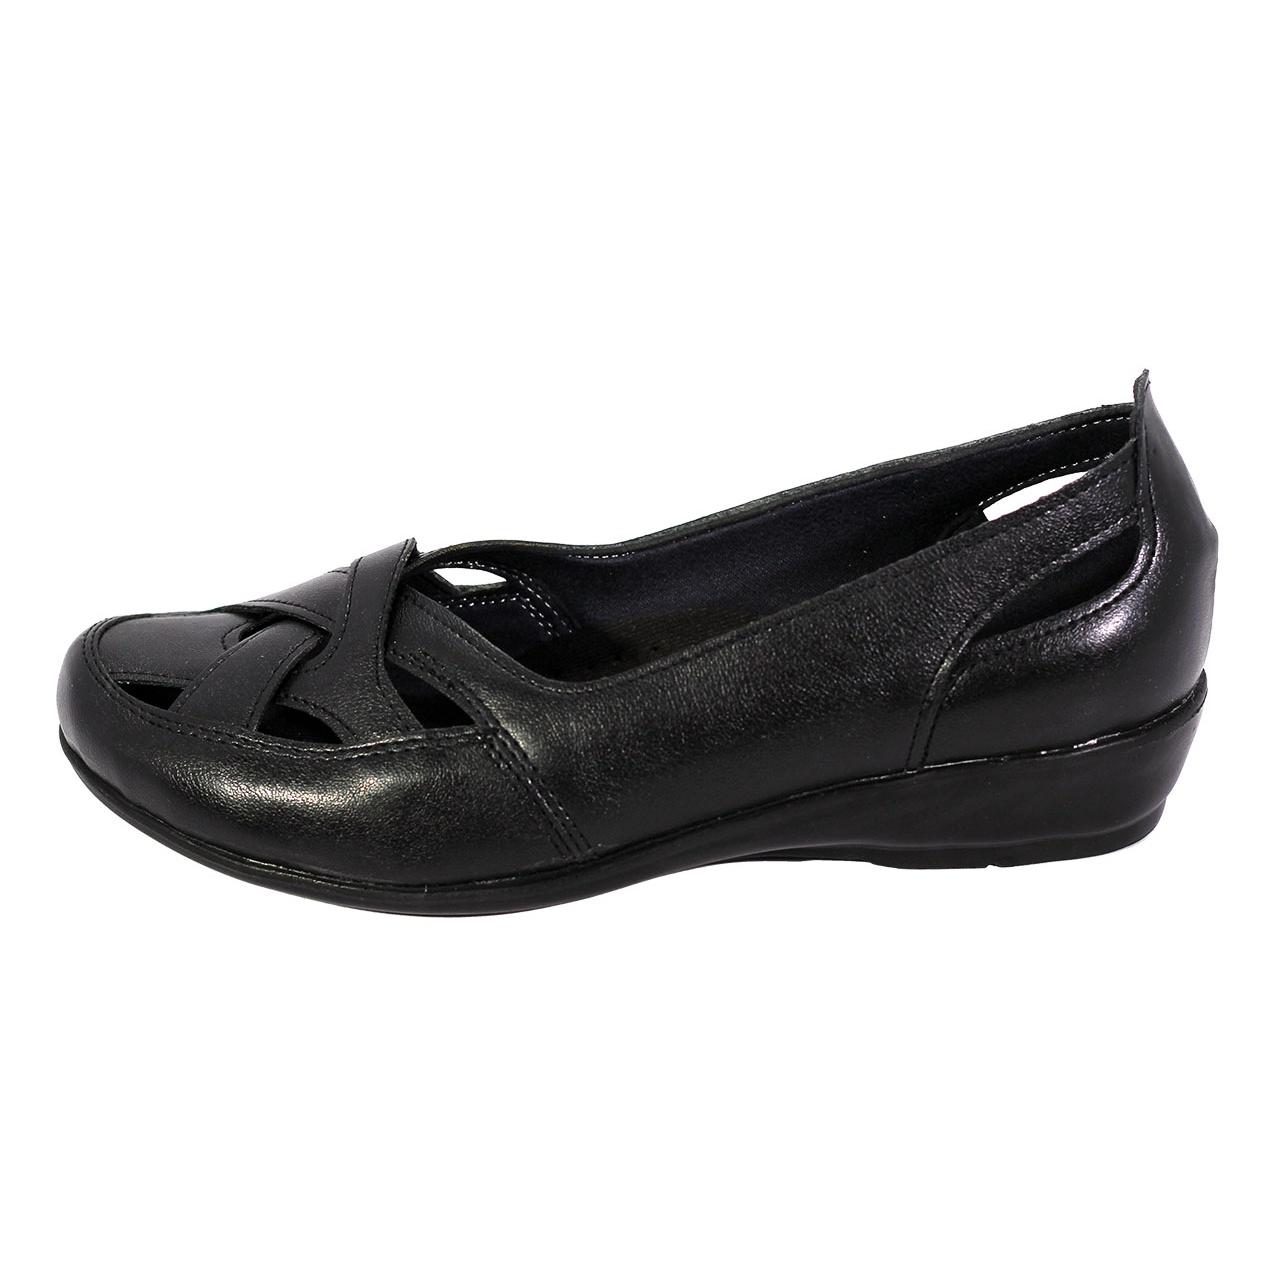 کفش زنانه شهرام طب مدل 2082 کد 9